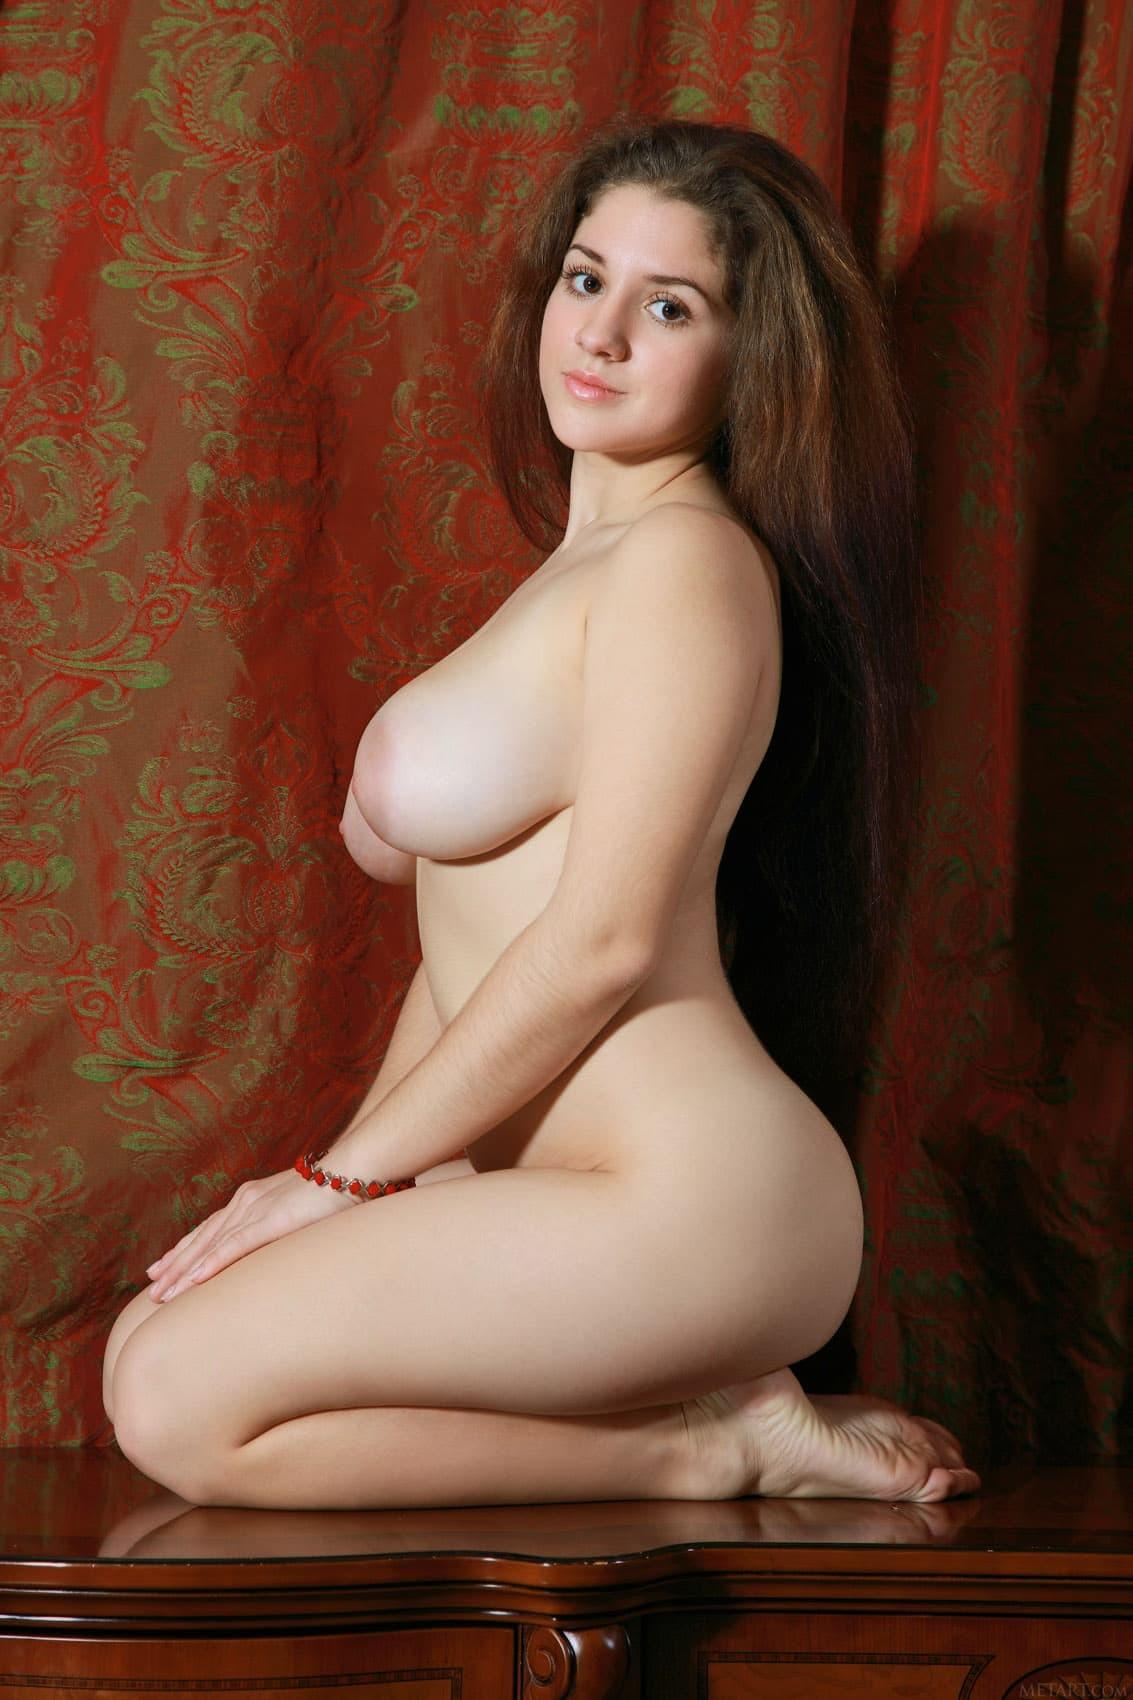 Молодая девушка с пышными дойками - фото